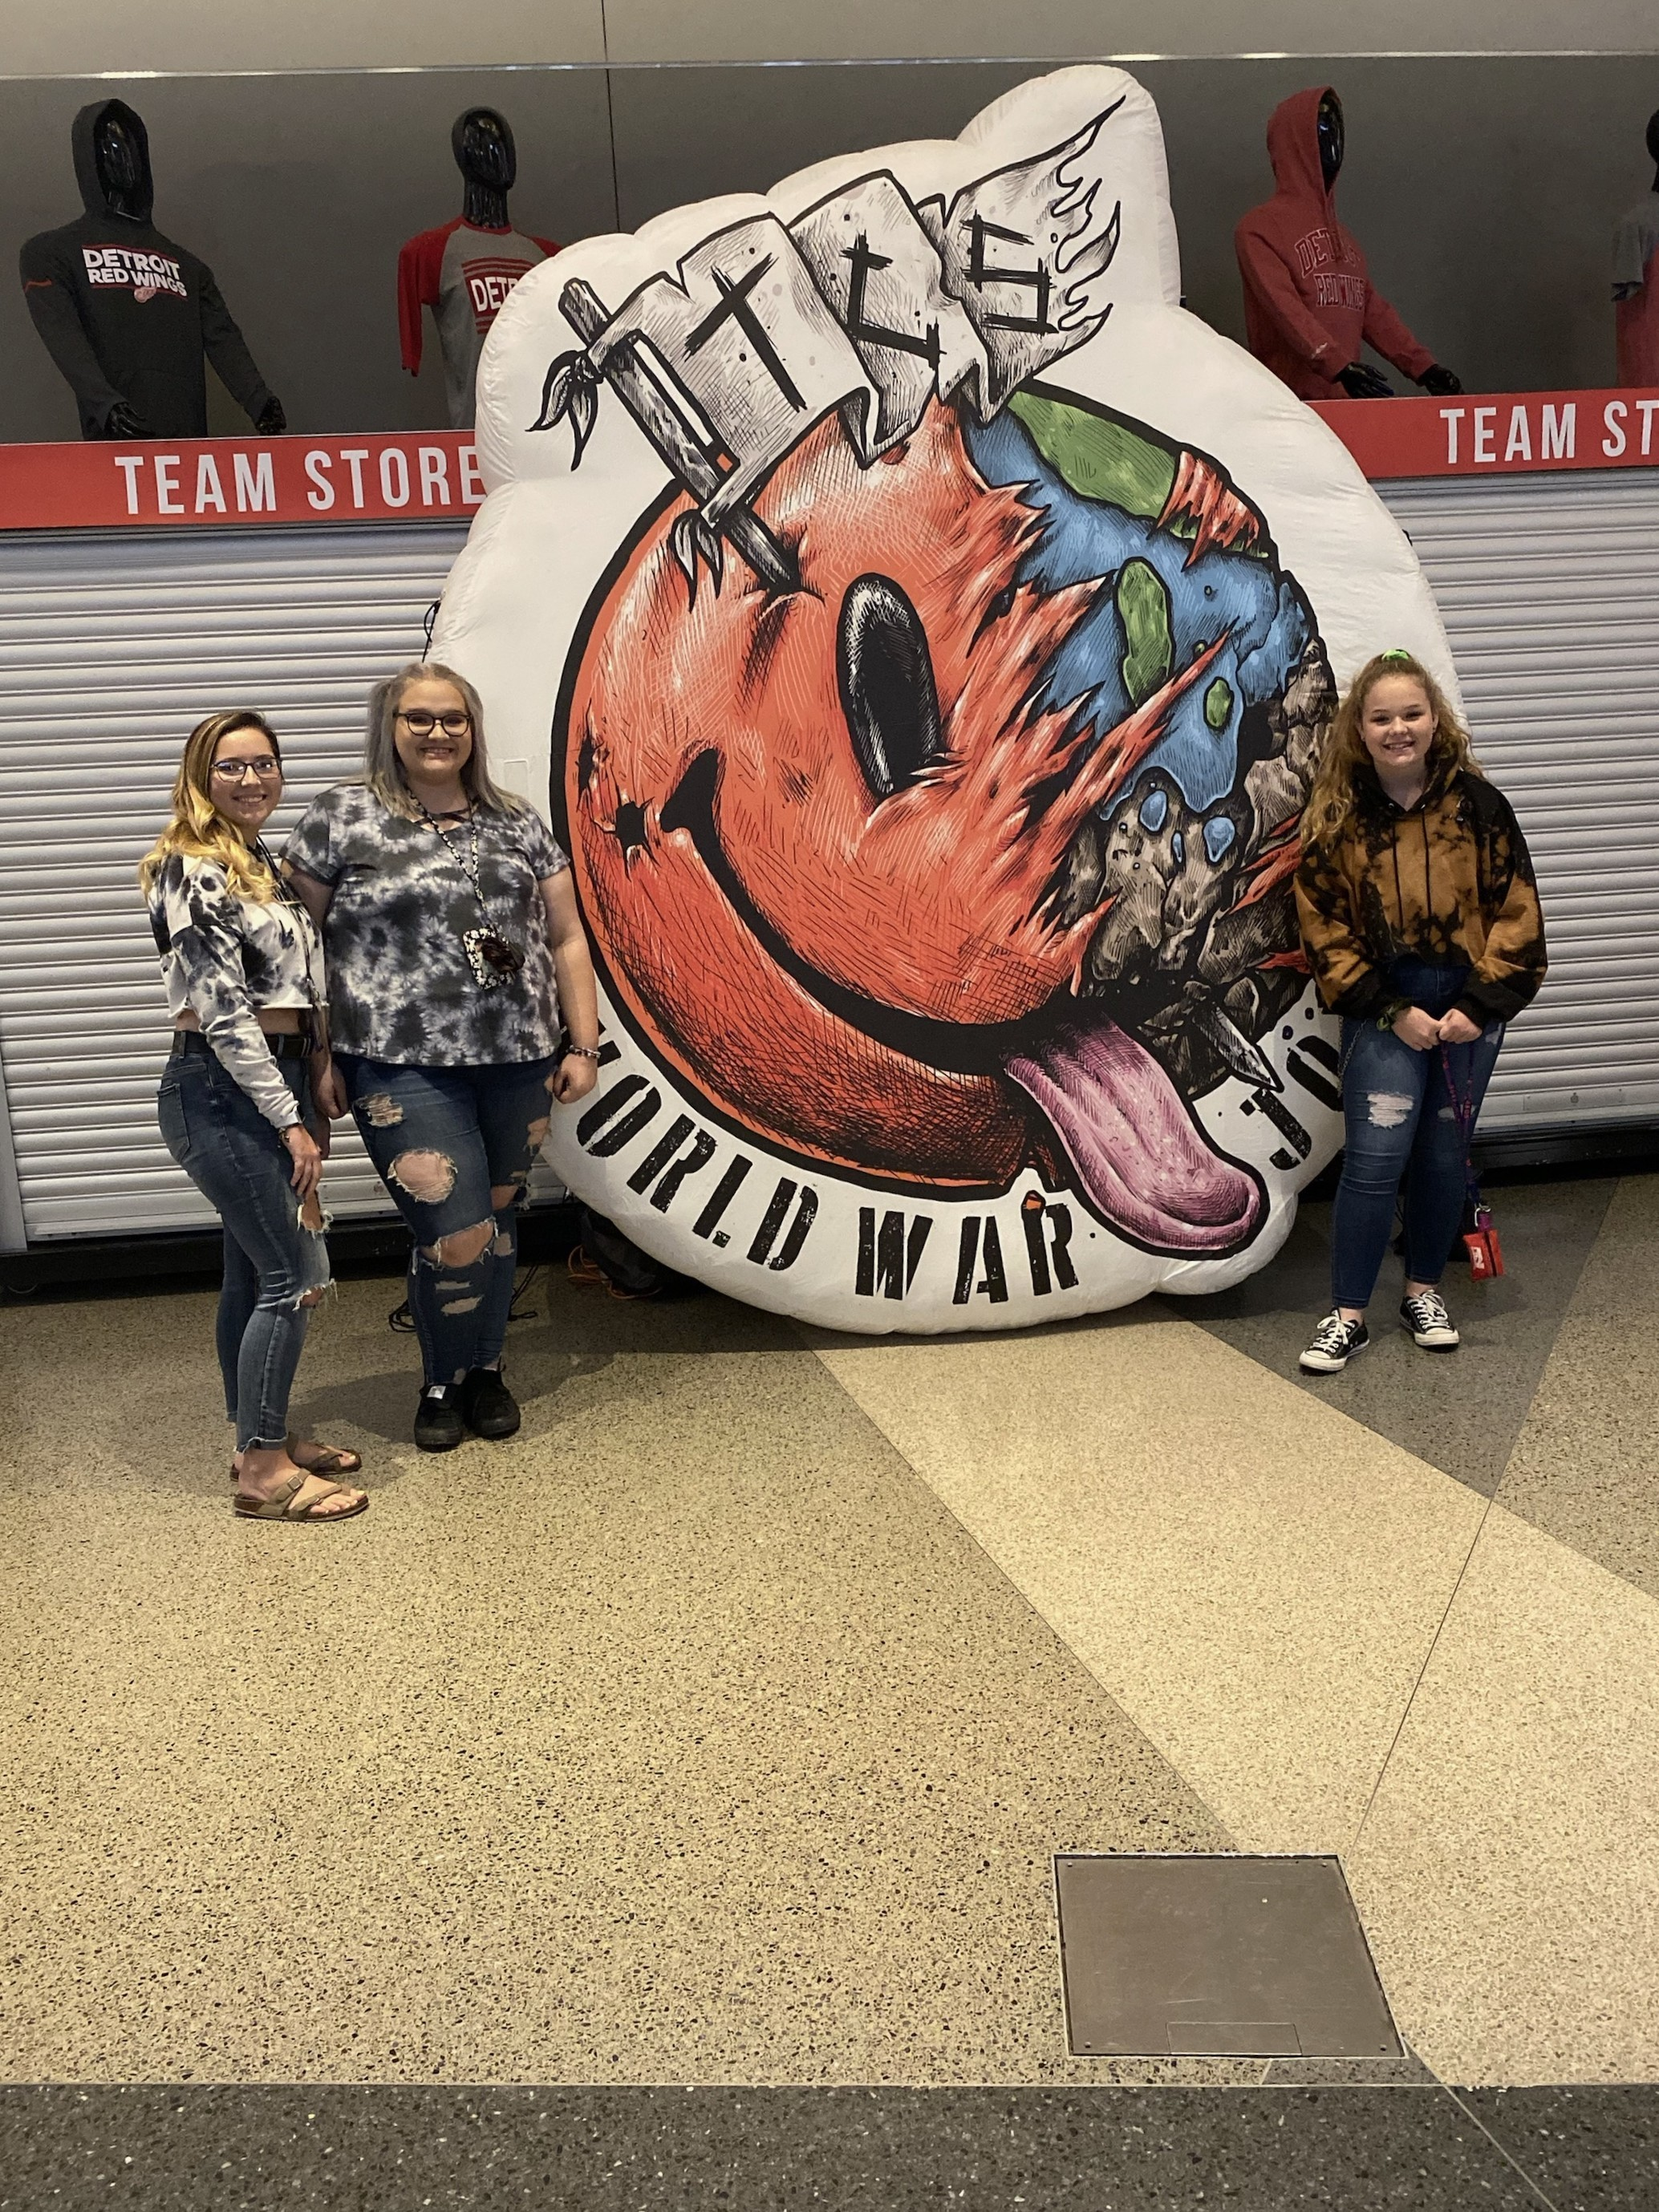 World war joy tour